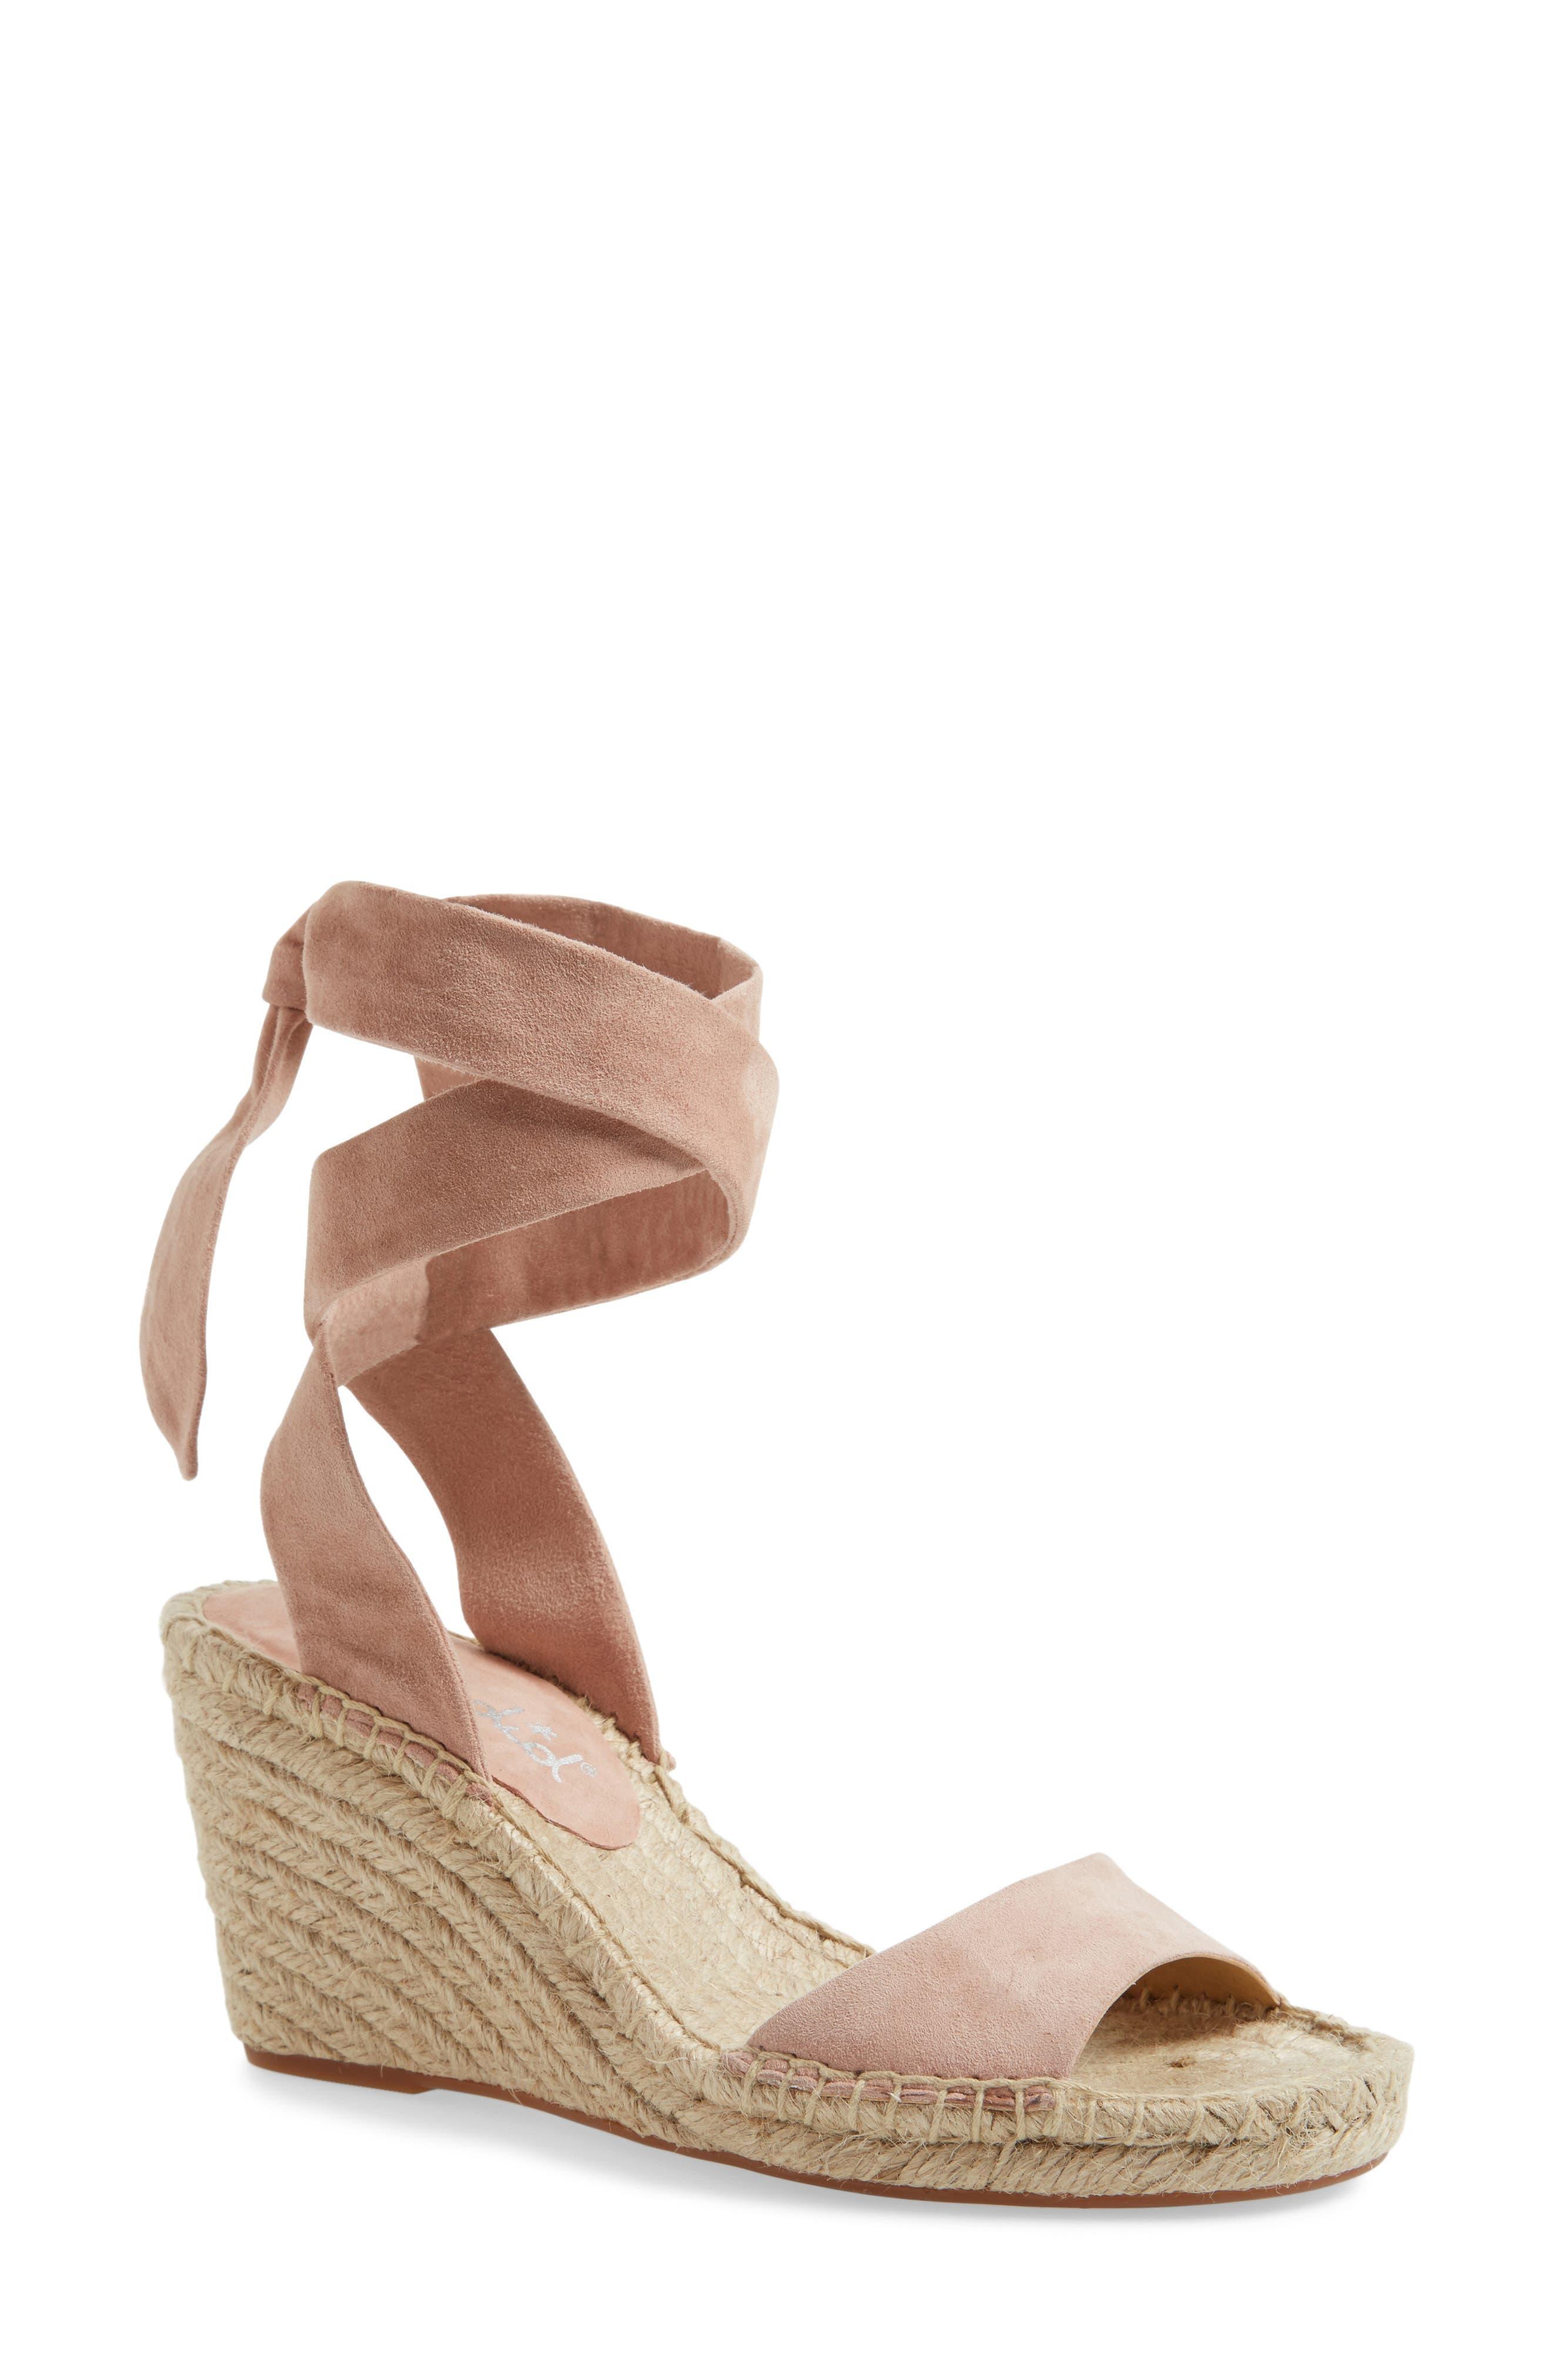 Main Image - Splendid Joelle Ankle Tie Espadrille (Women)